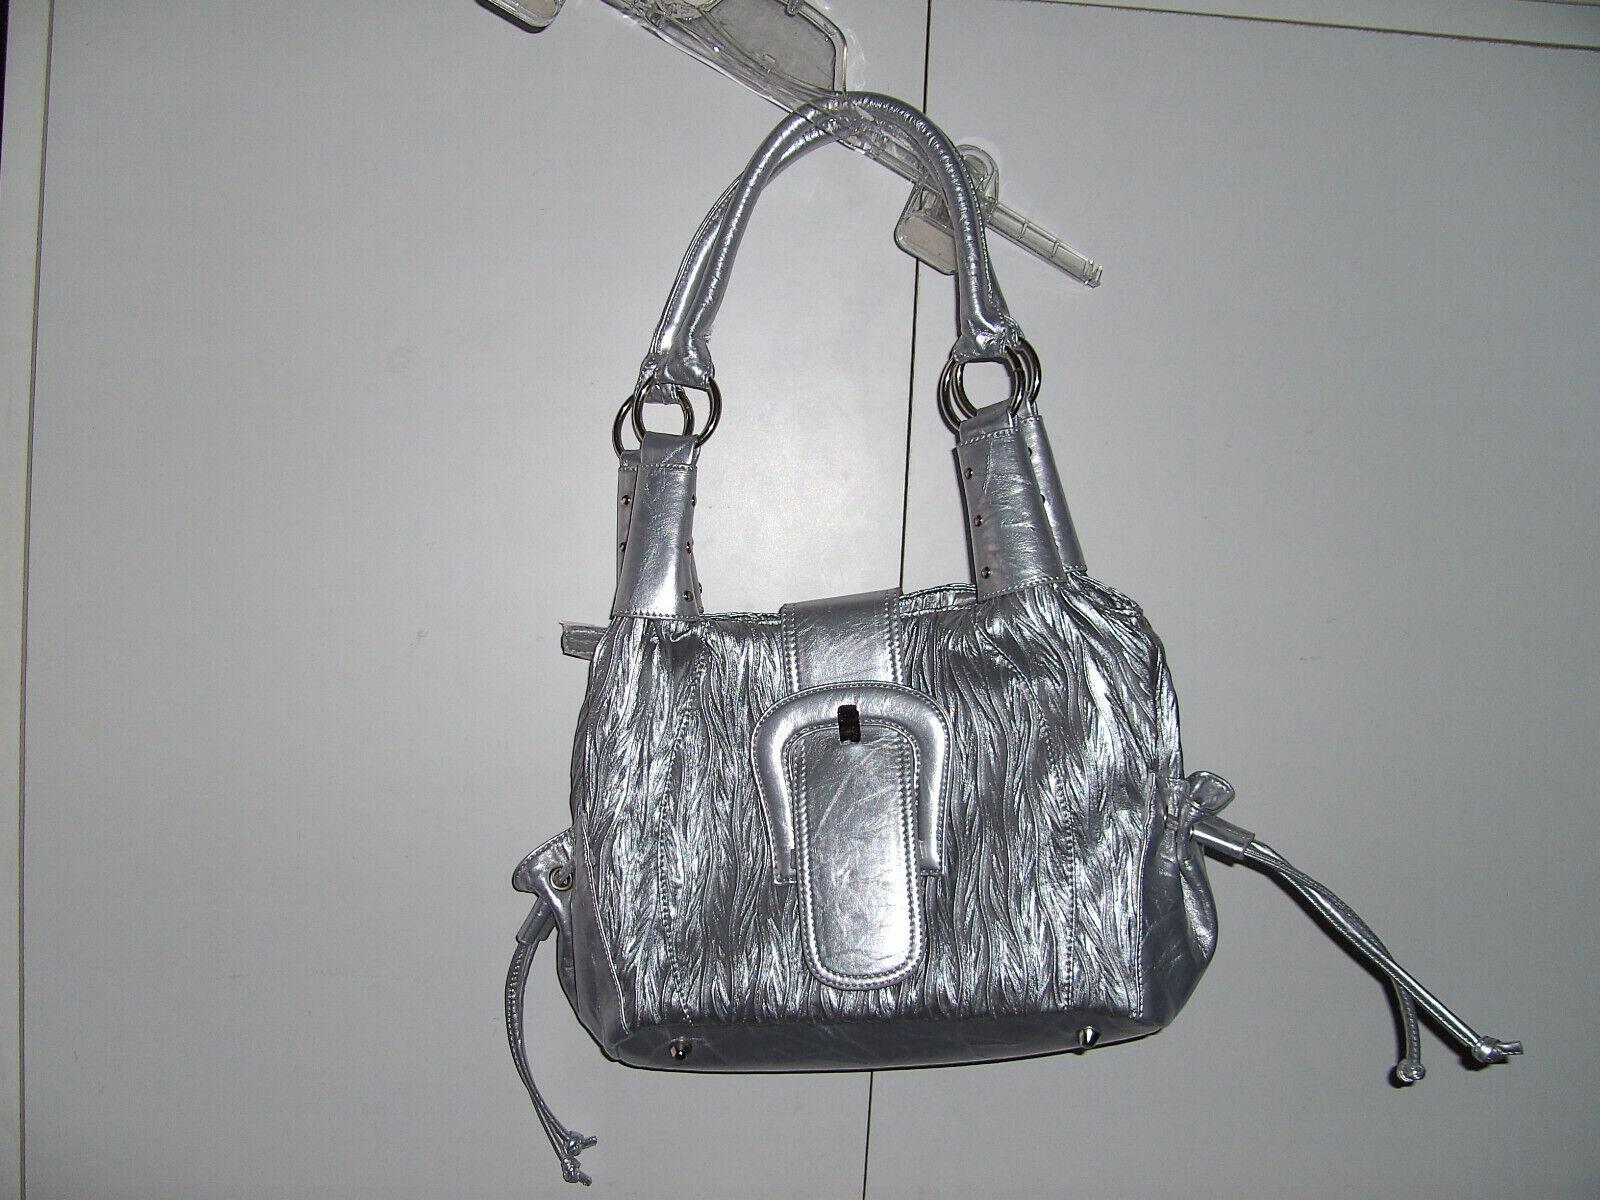 176bb8ec20783 Klein Vergleich Handtasche Silberne Test mnv8N0w